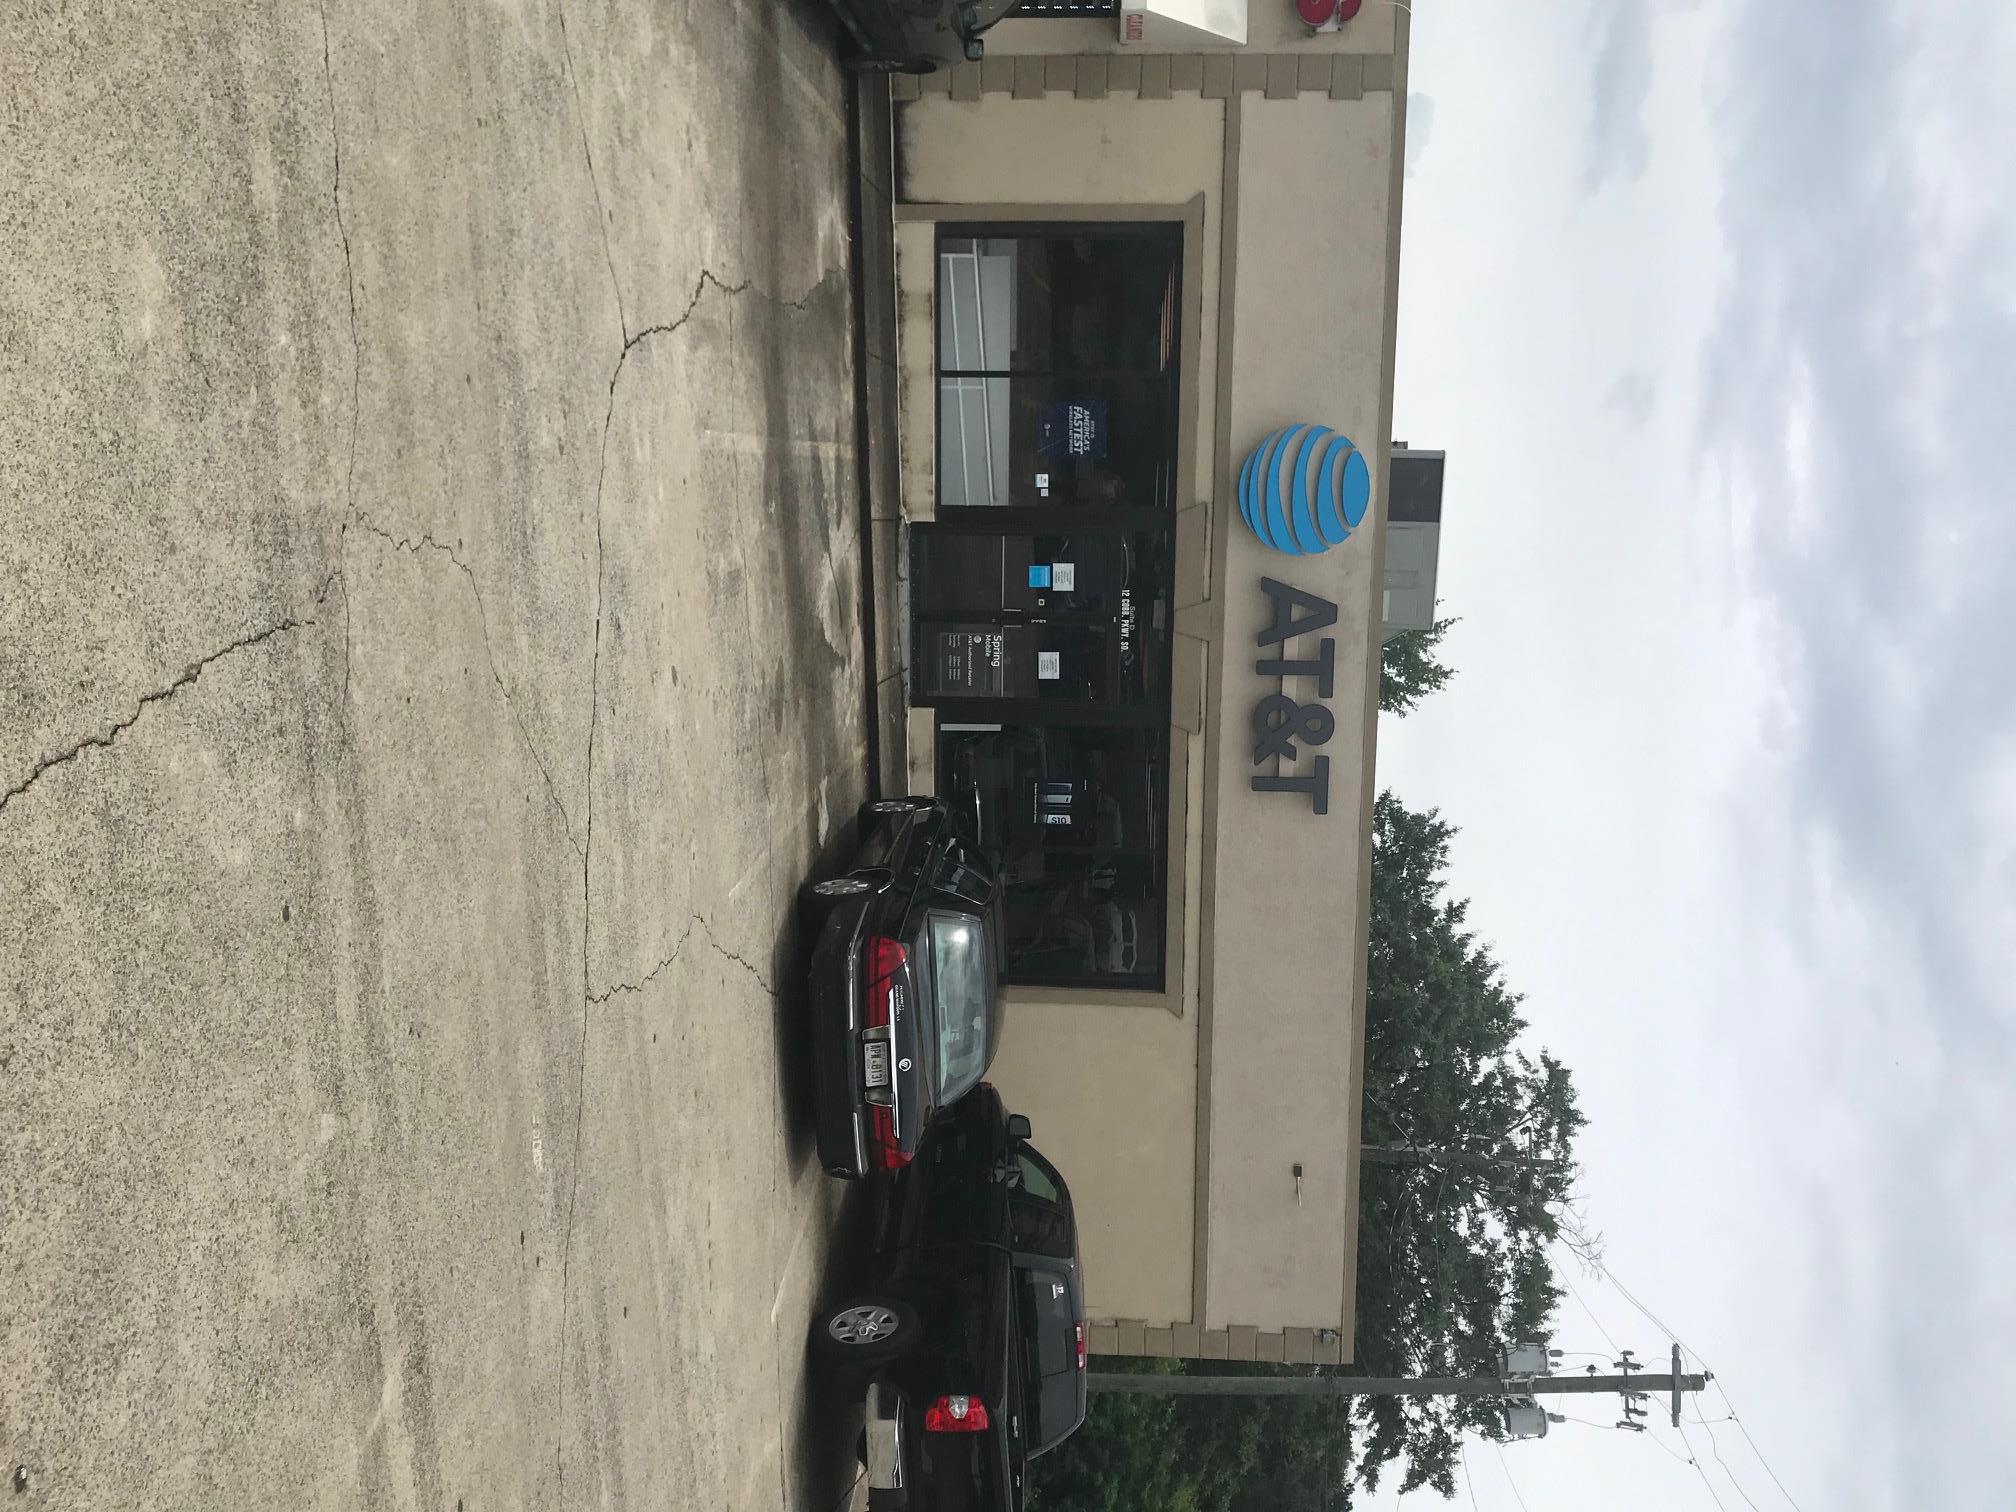 AT&T Marietta